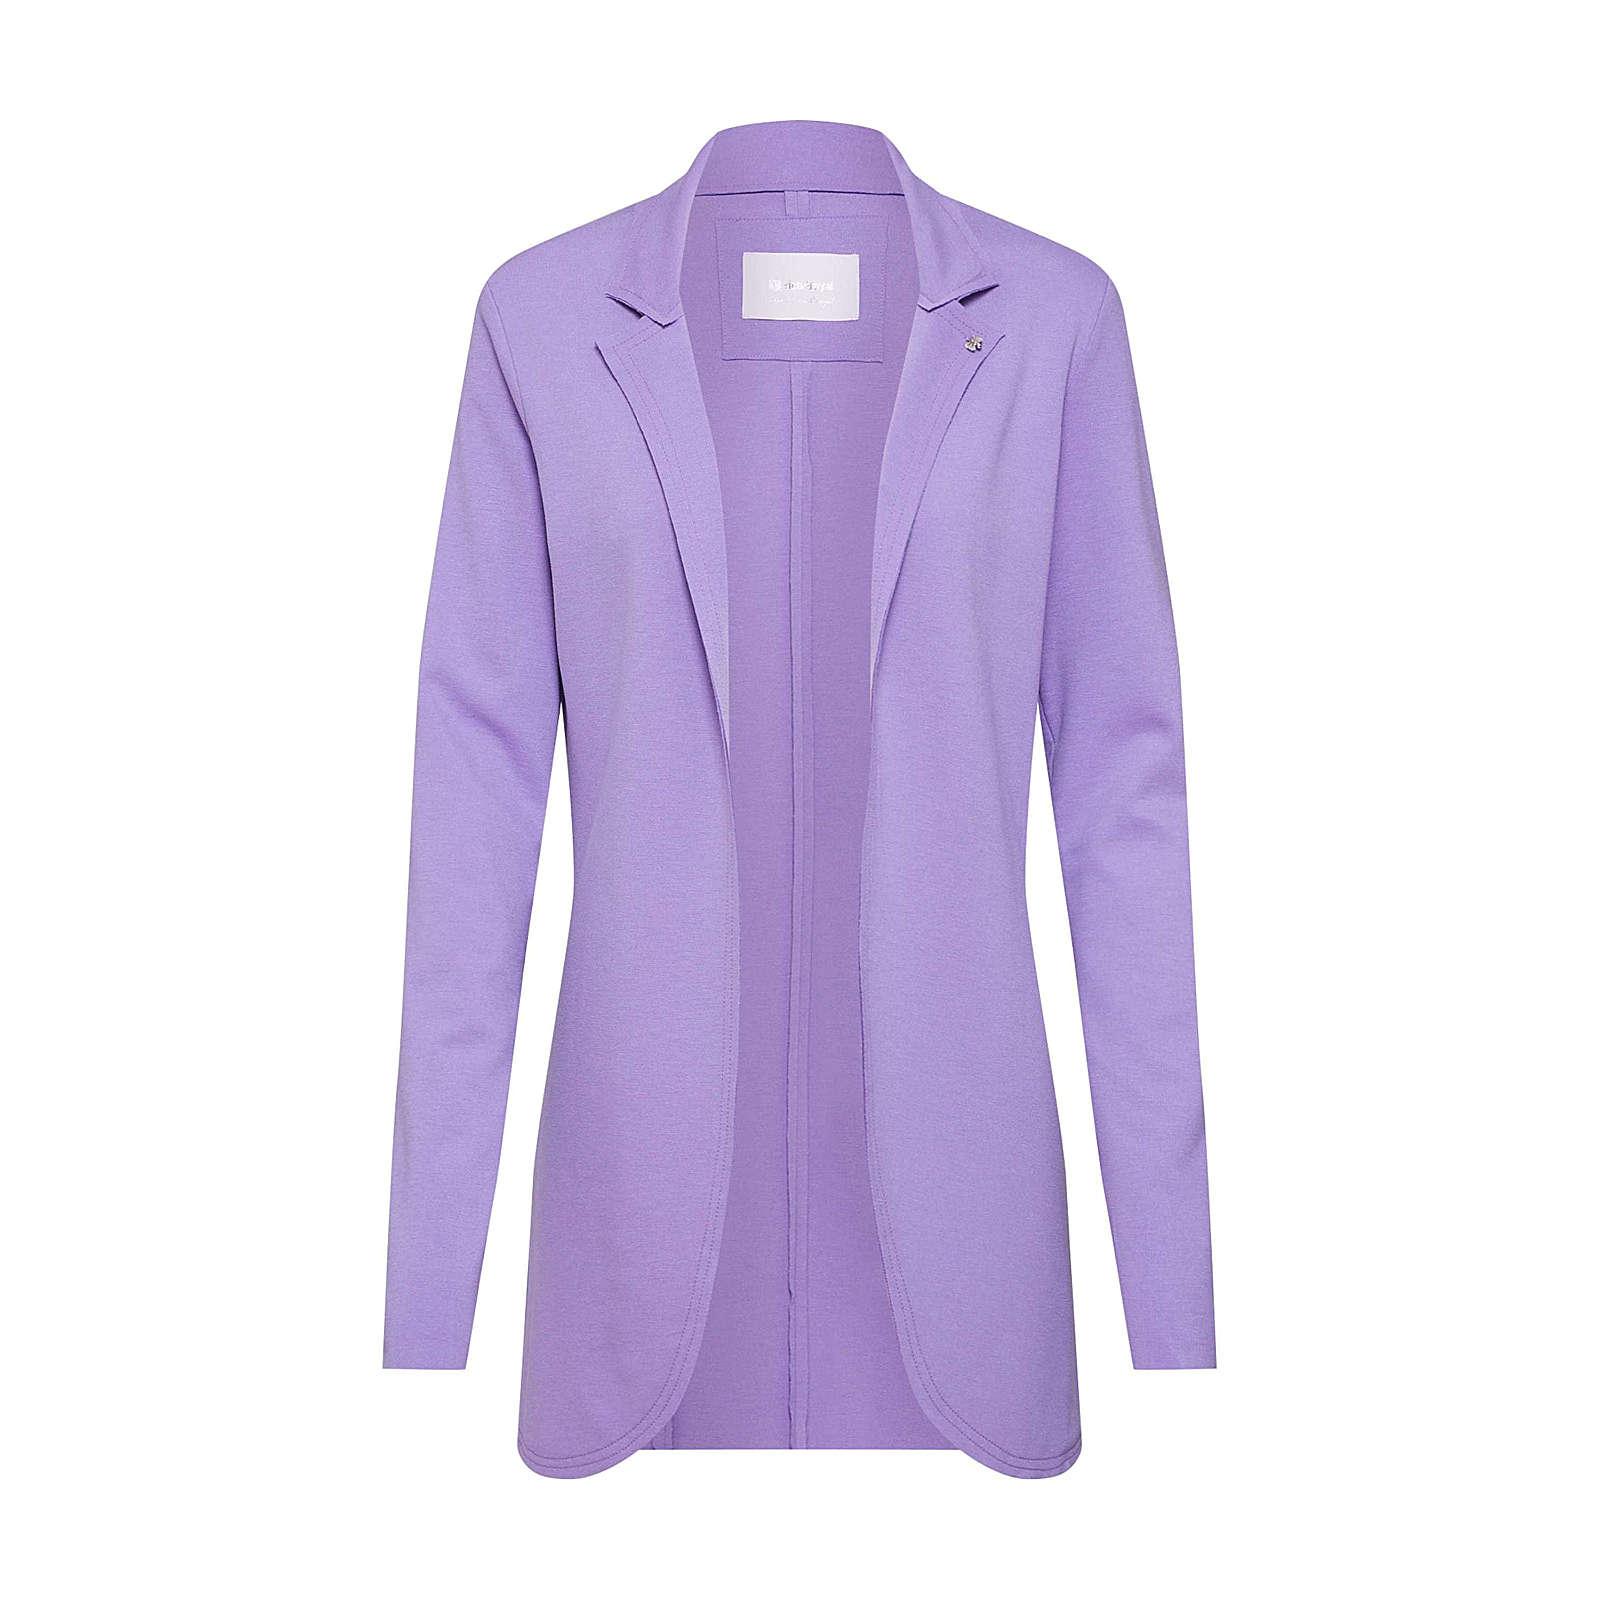 rich&royal Rich & Royal Blazer Sweat Blazer Sweatblazer lila Damen Gr. 36